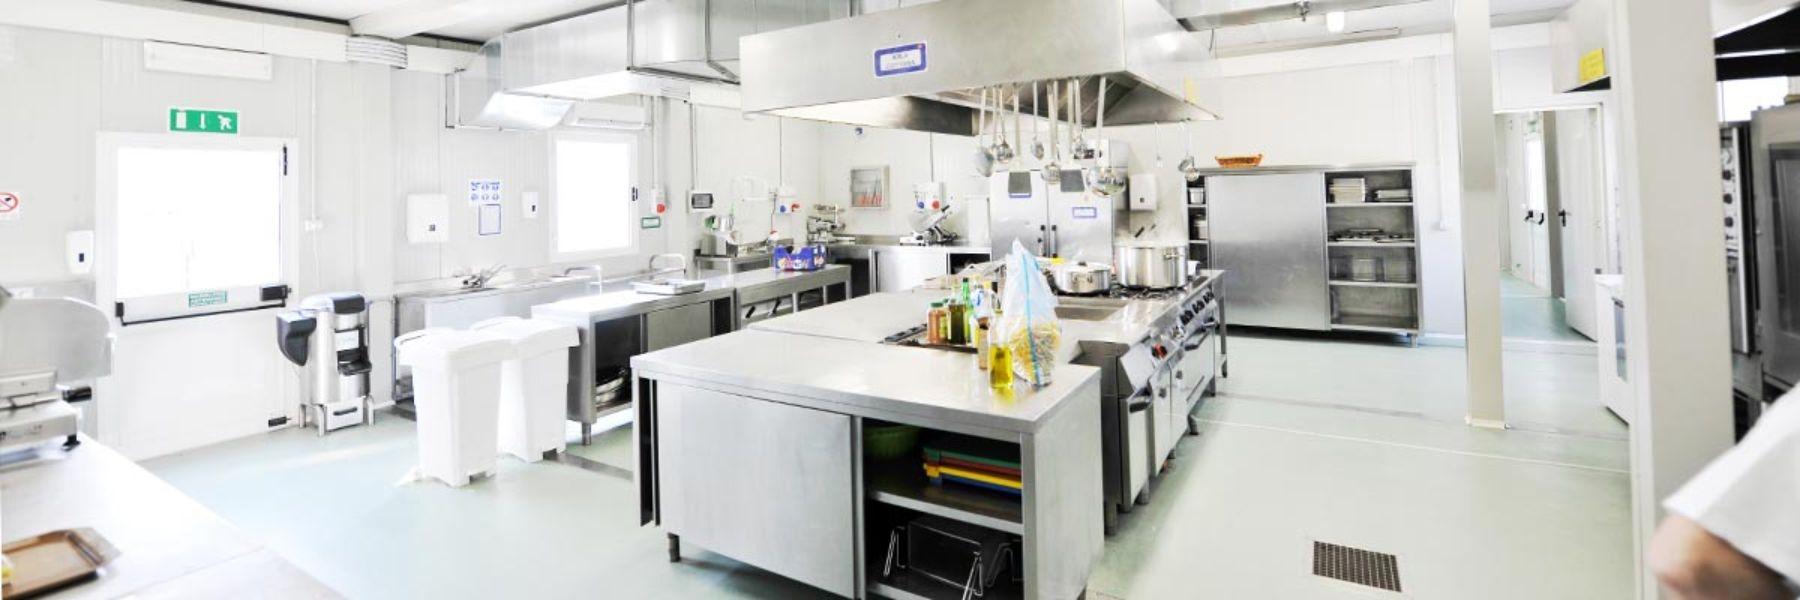 COCINAS | cucine 03(1)